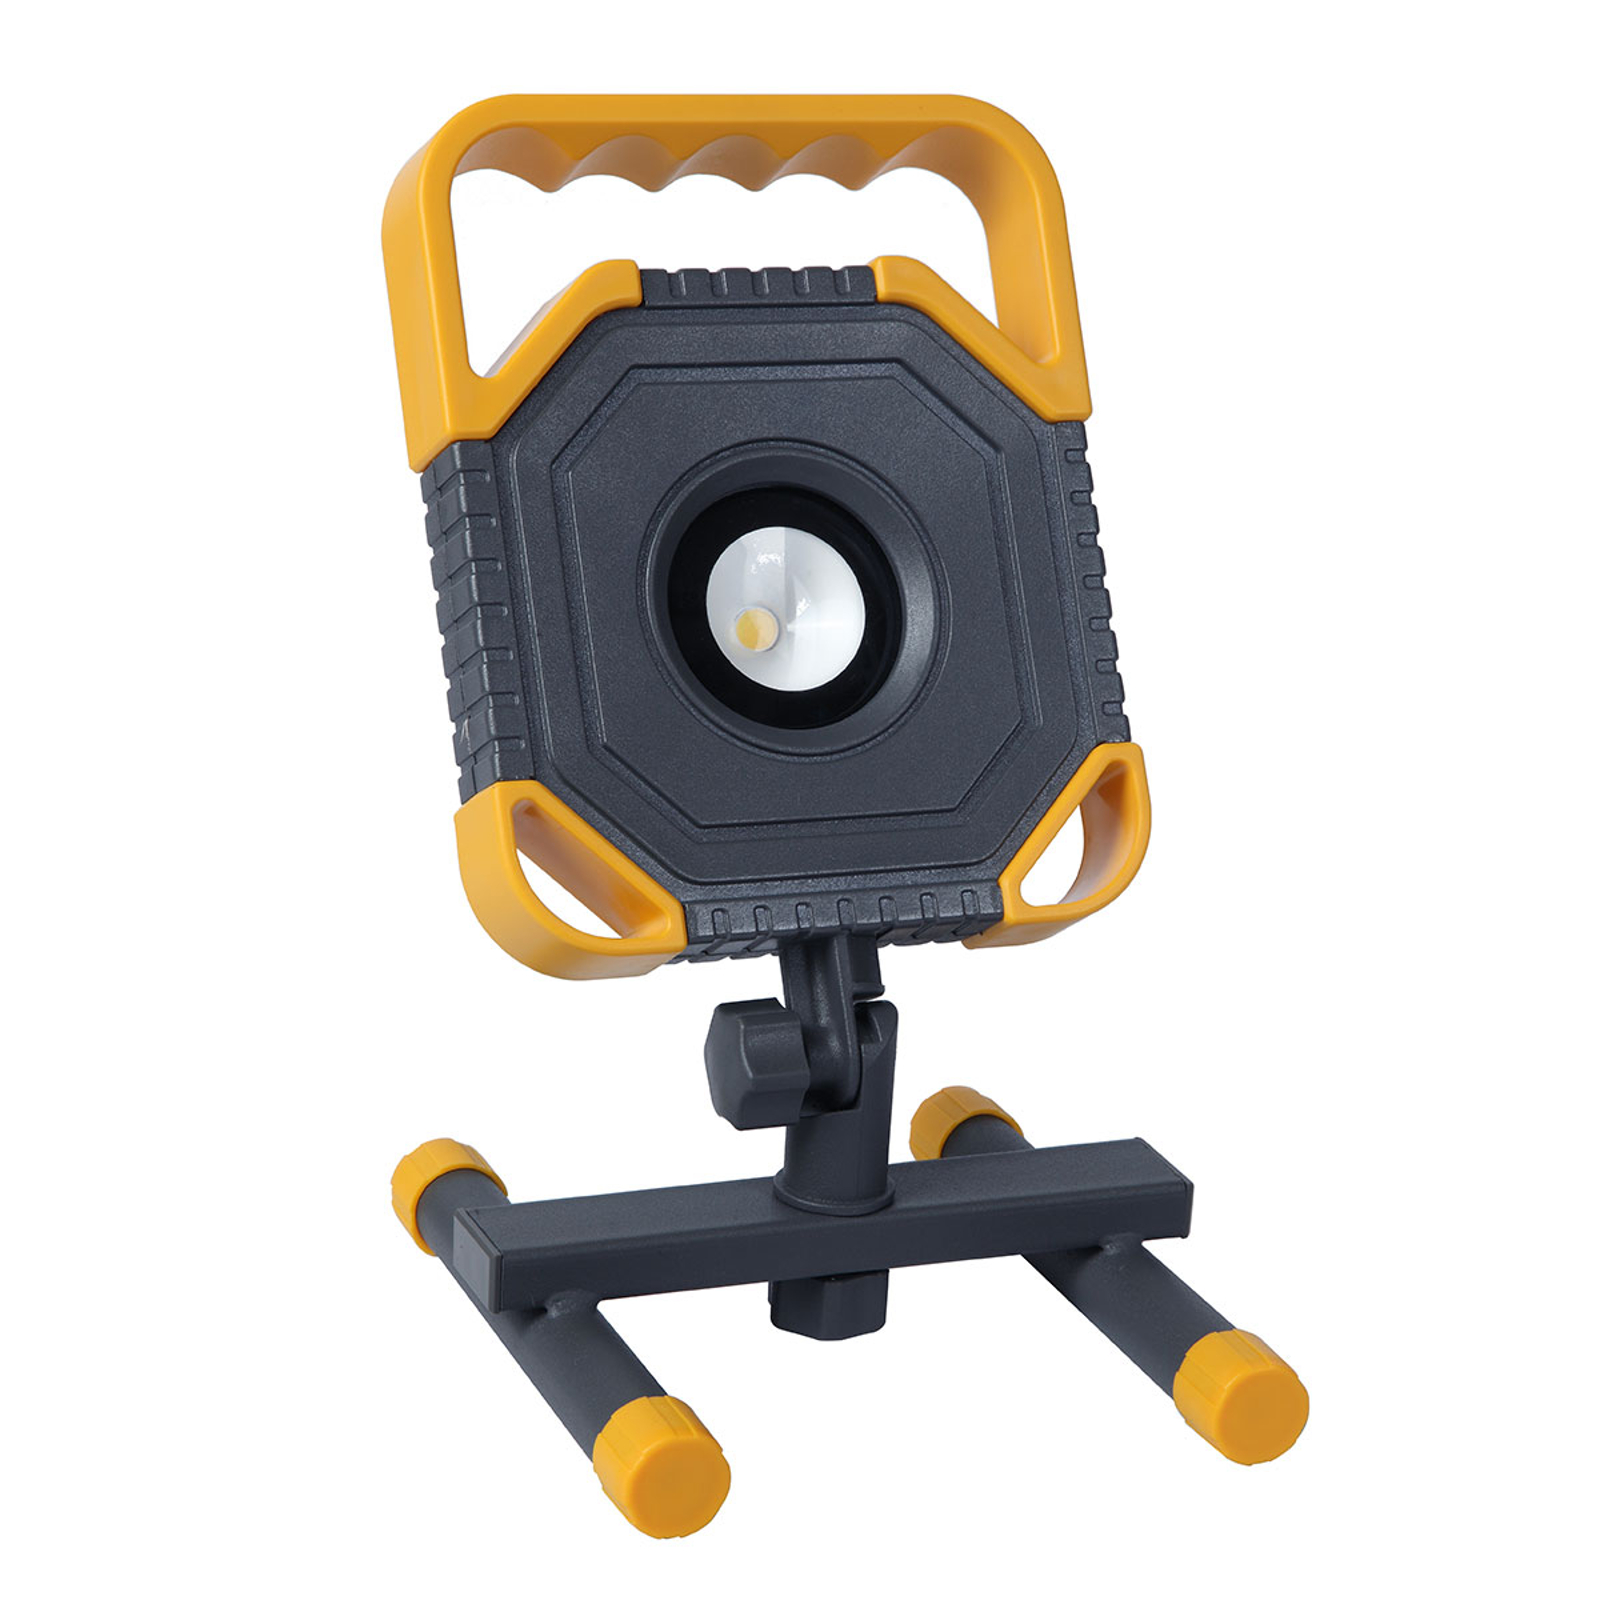 LED-Baustrahler Modo S, portabel